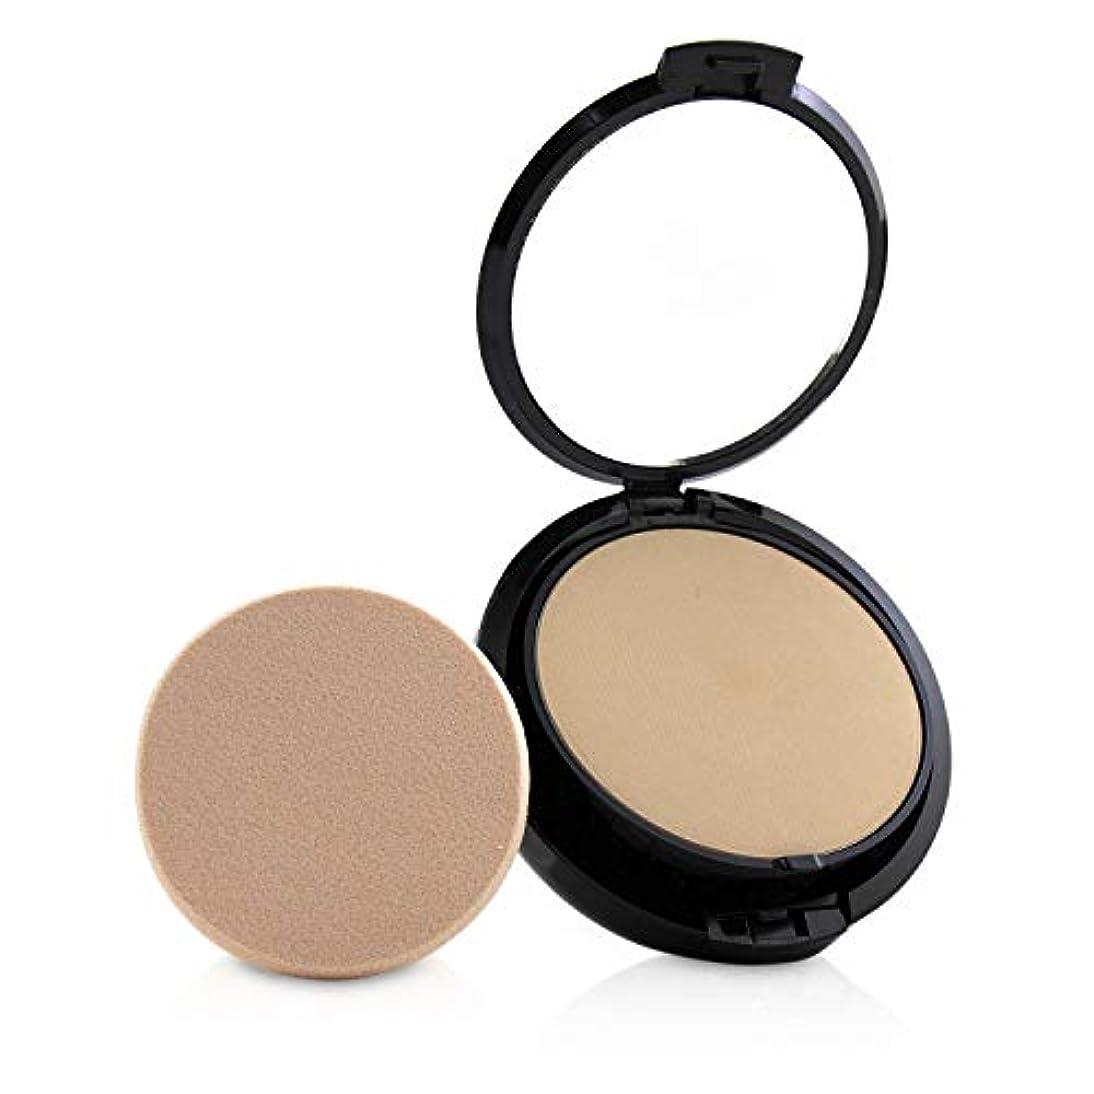 低いかすかなスリンクSCOUT Cosmetics Pressed Mineral Powder Foundation SPF 15 - # Shell 15g/0.53oz並行輸入品